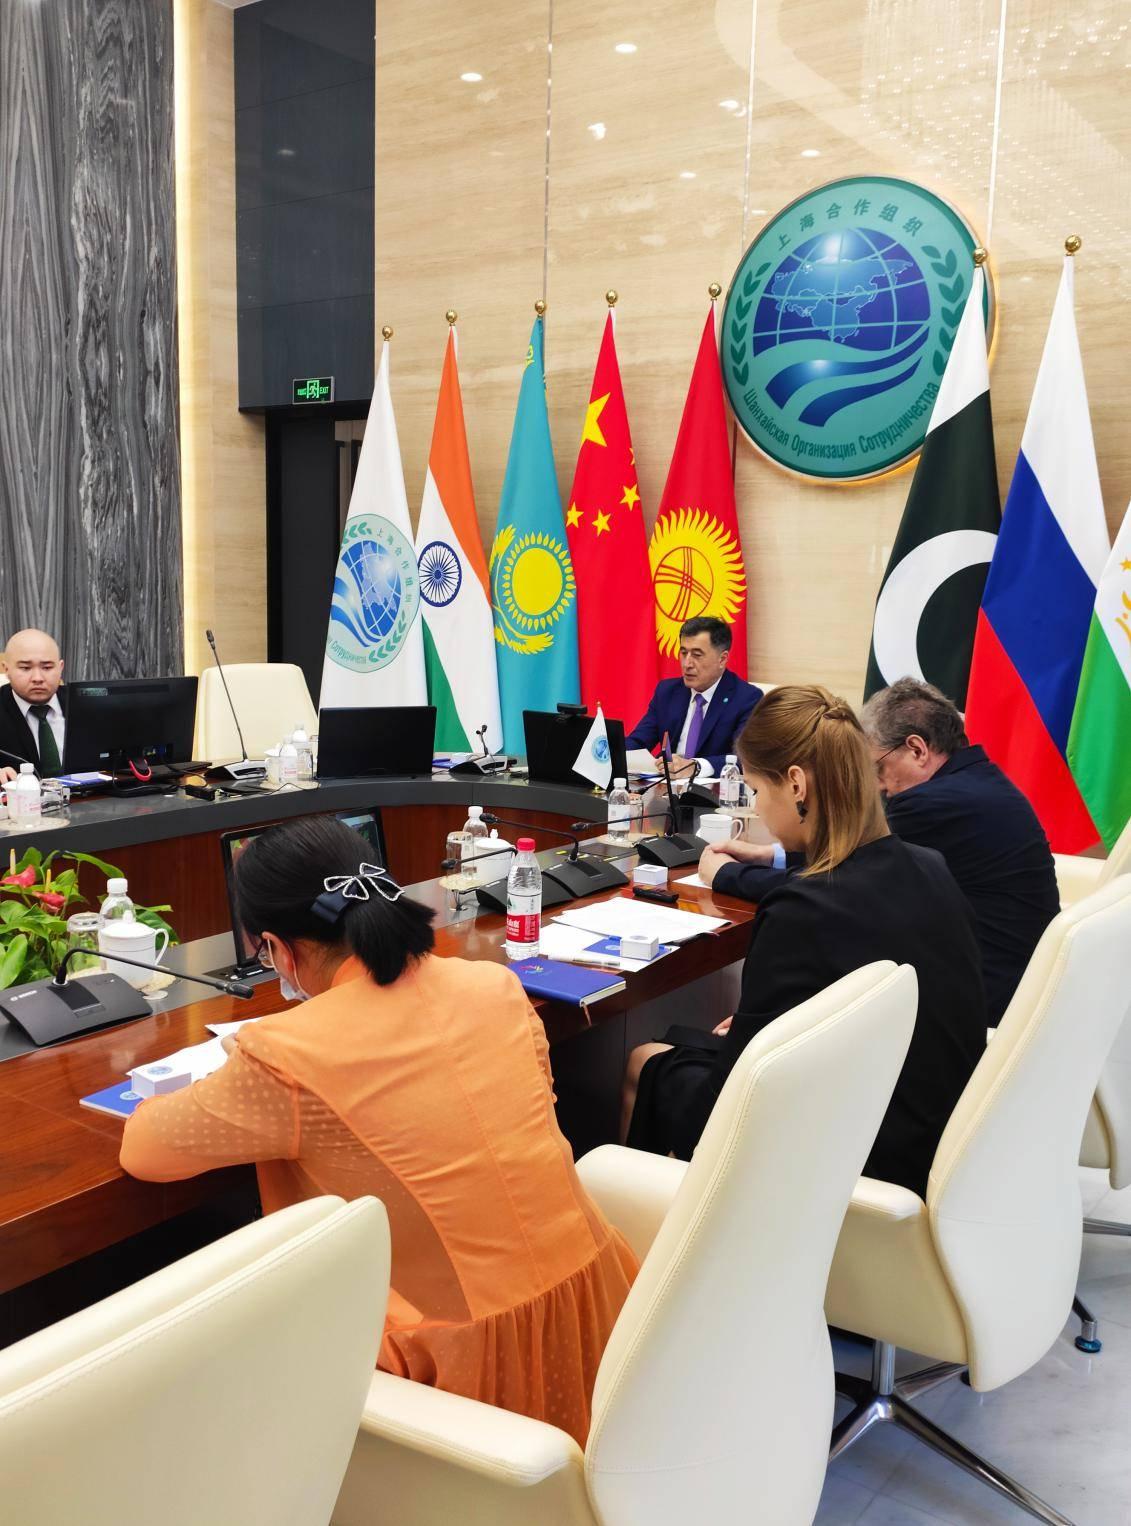 上合秘书长:上合成员国守望相助合作抗疫各国